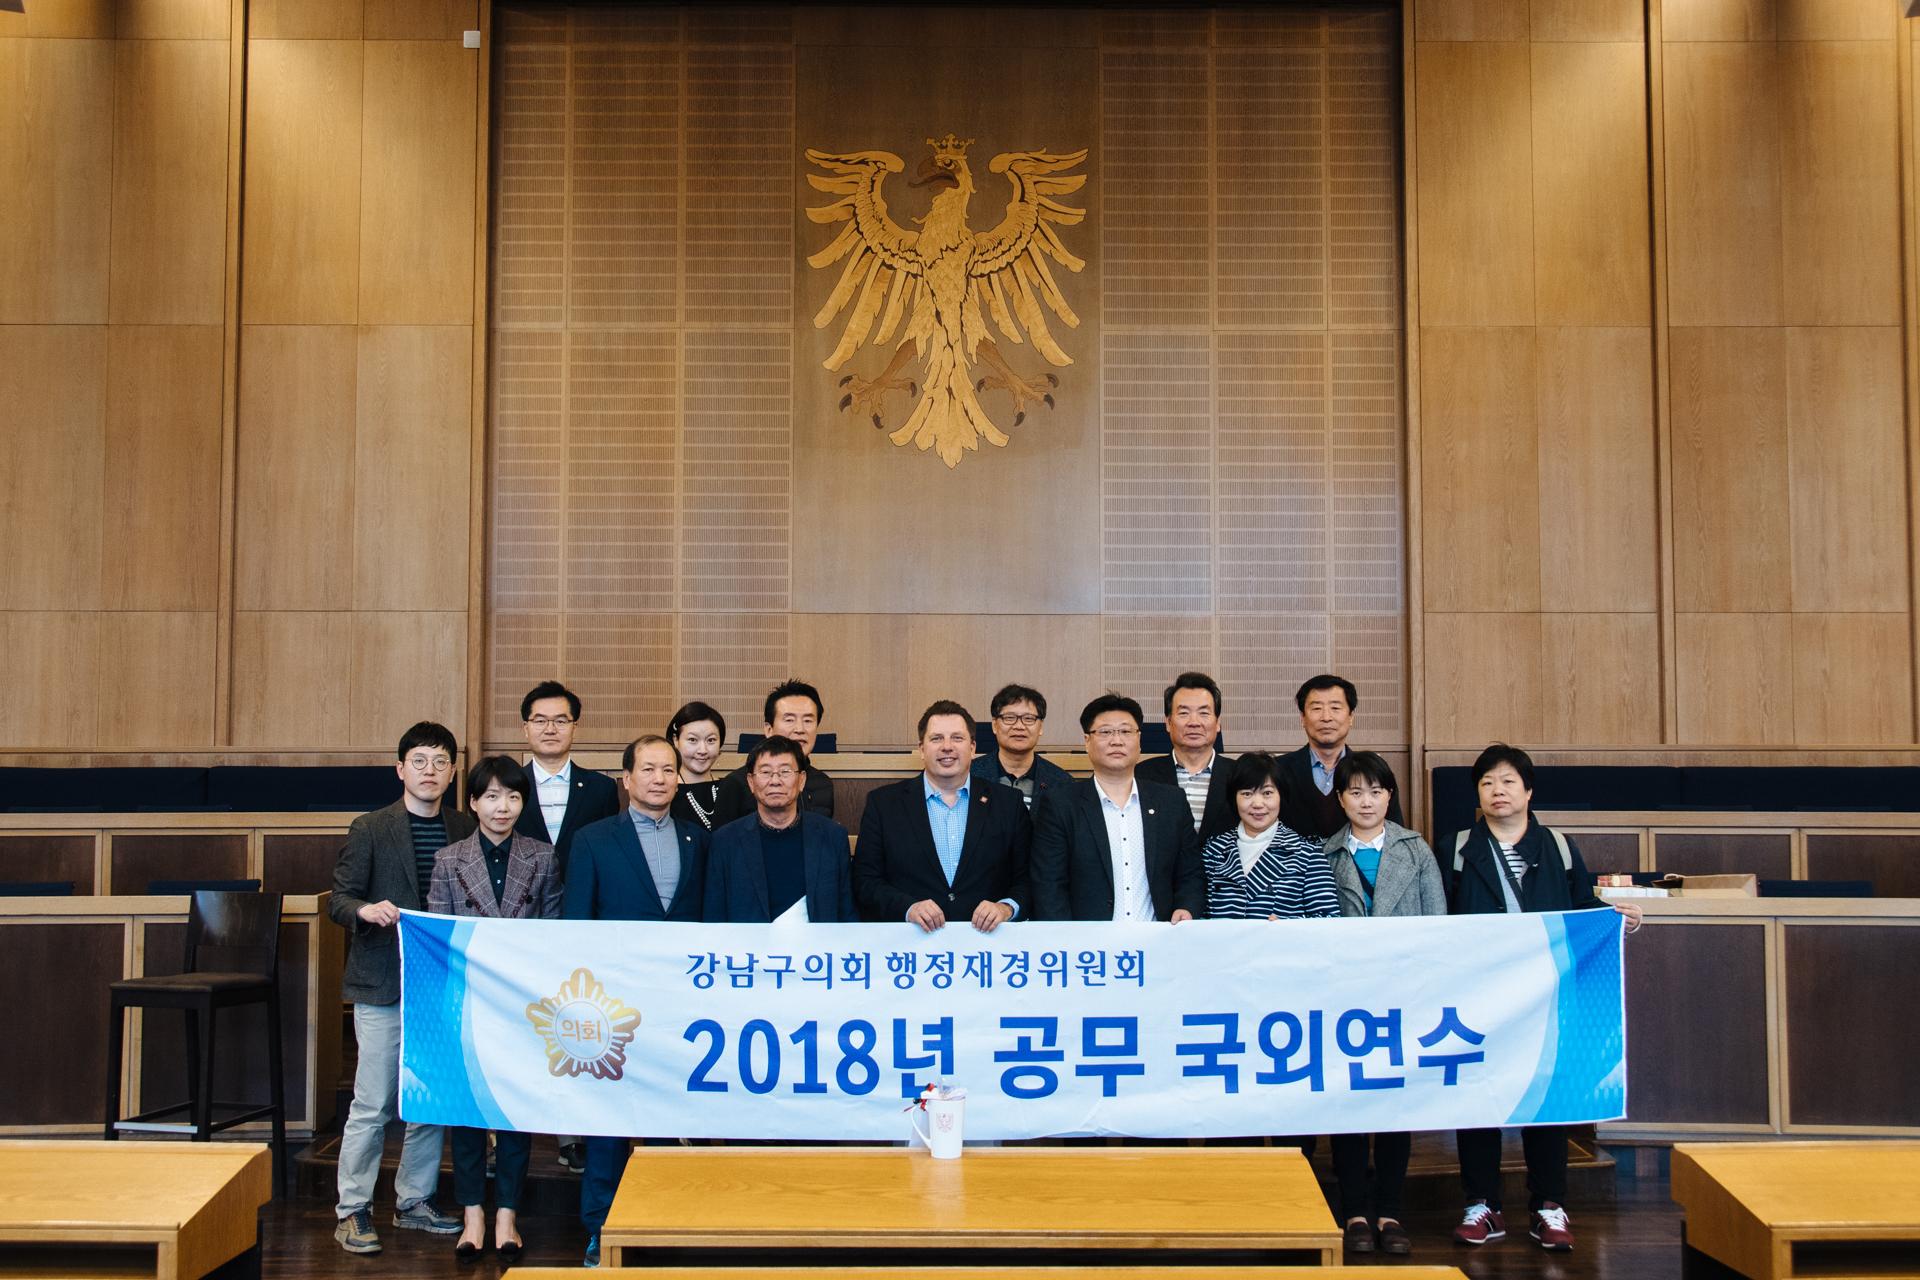 2018 행정재경위원회 공무국외연수 GNC_4324.jpg